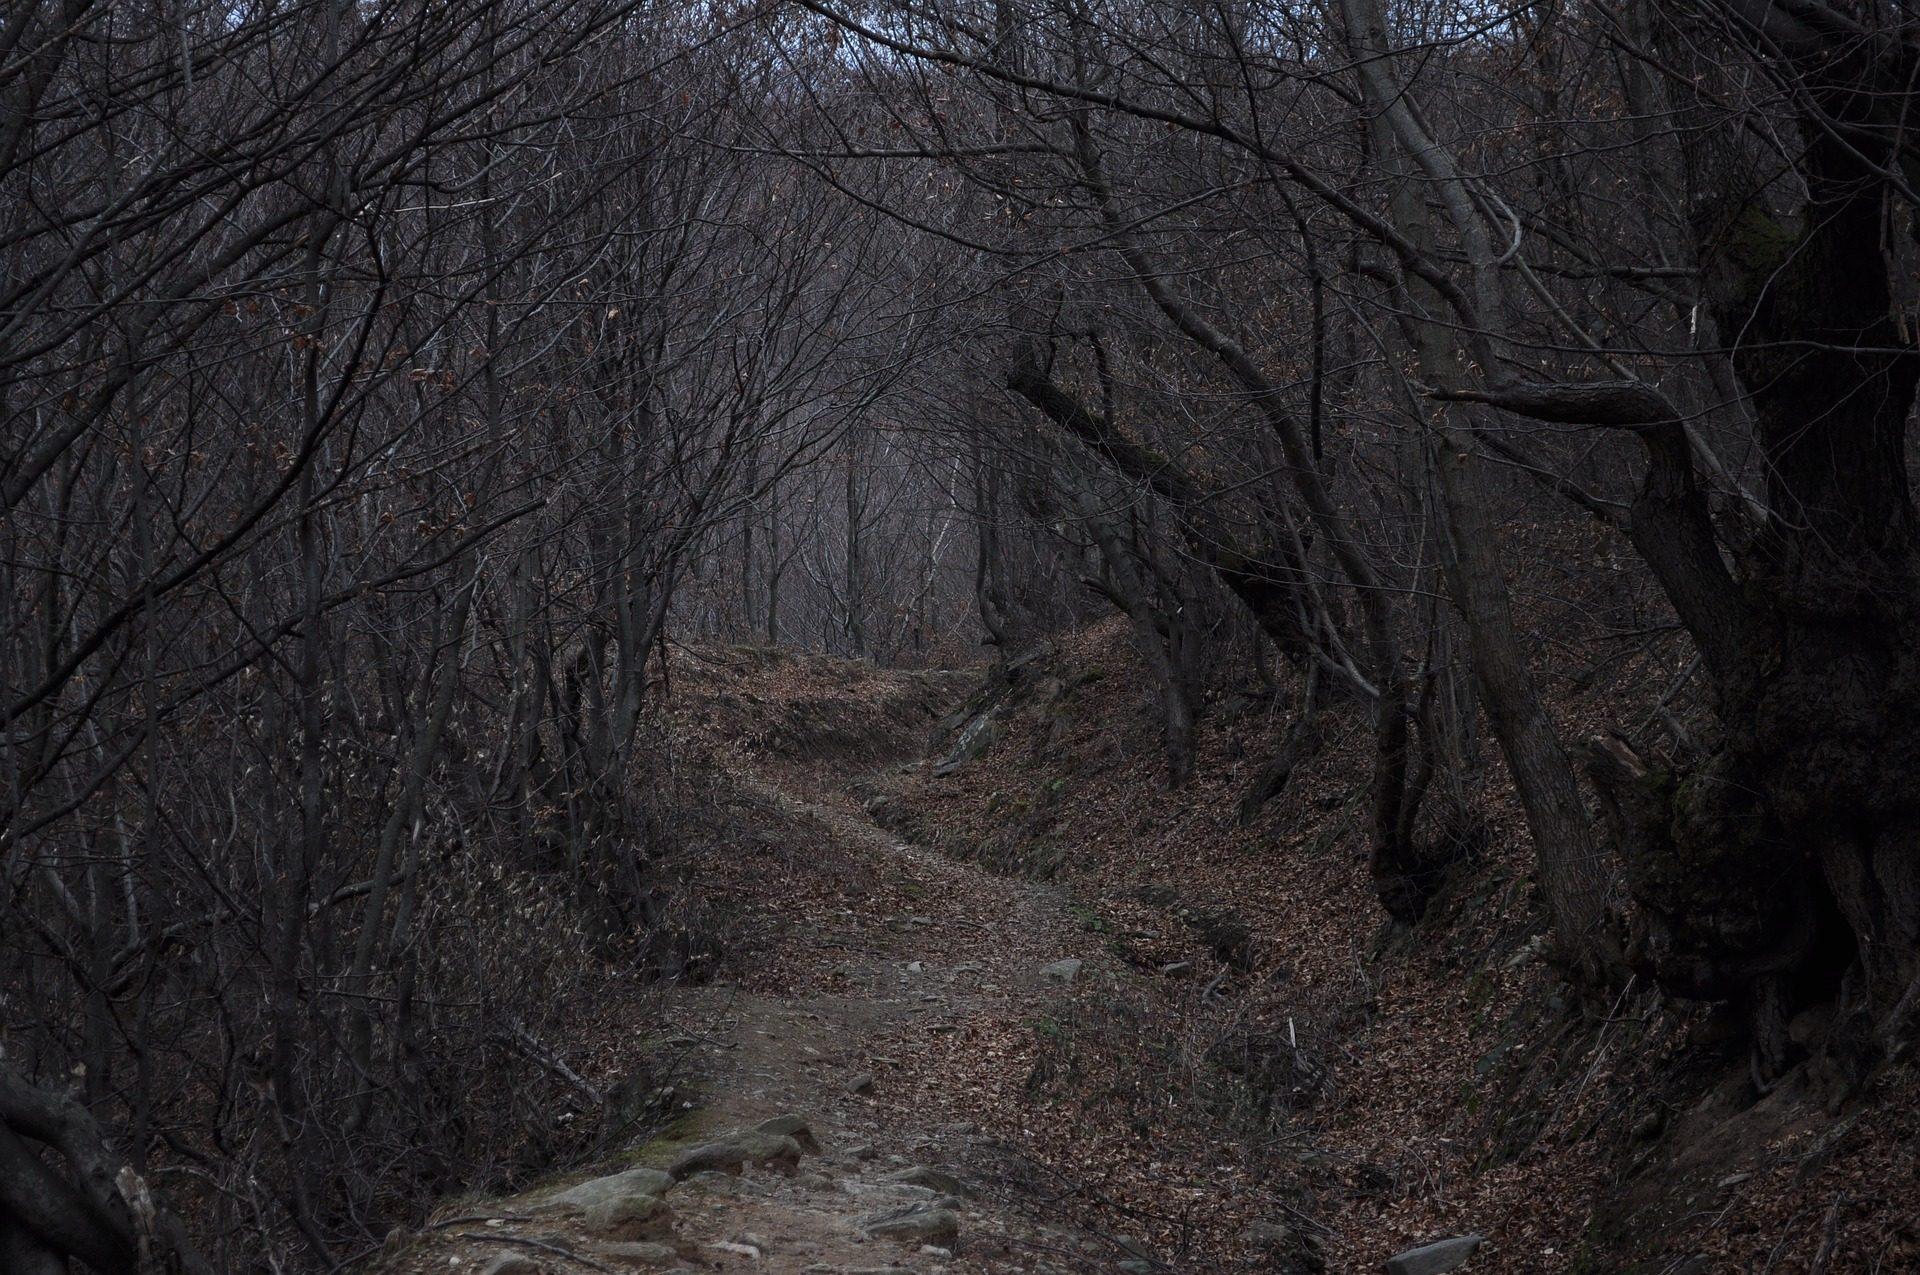 Estrada, floresta, Escuro, árvores, medo - Papéis de parede HD - Professor-falken.com